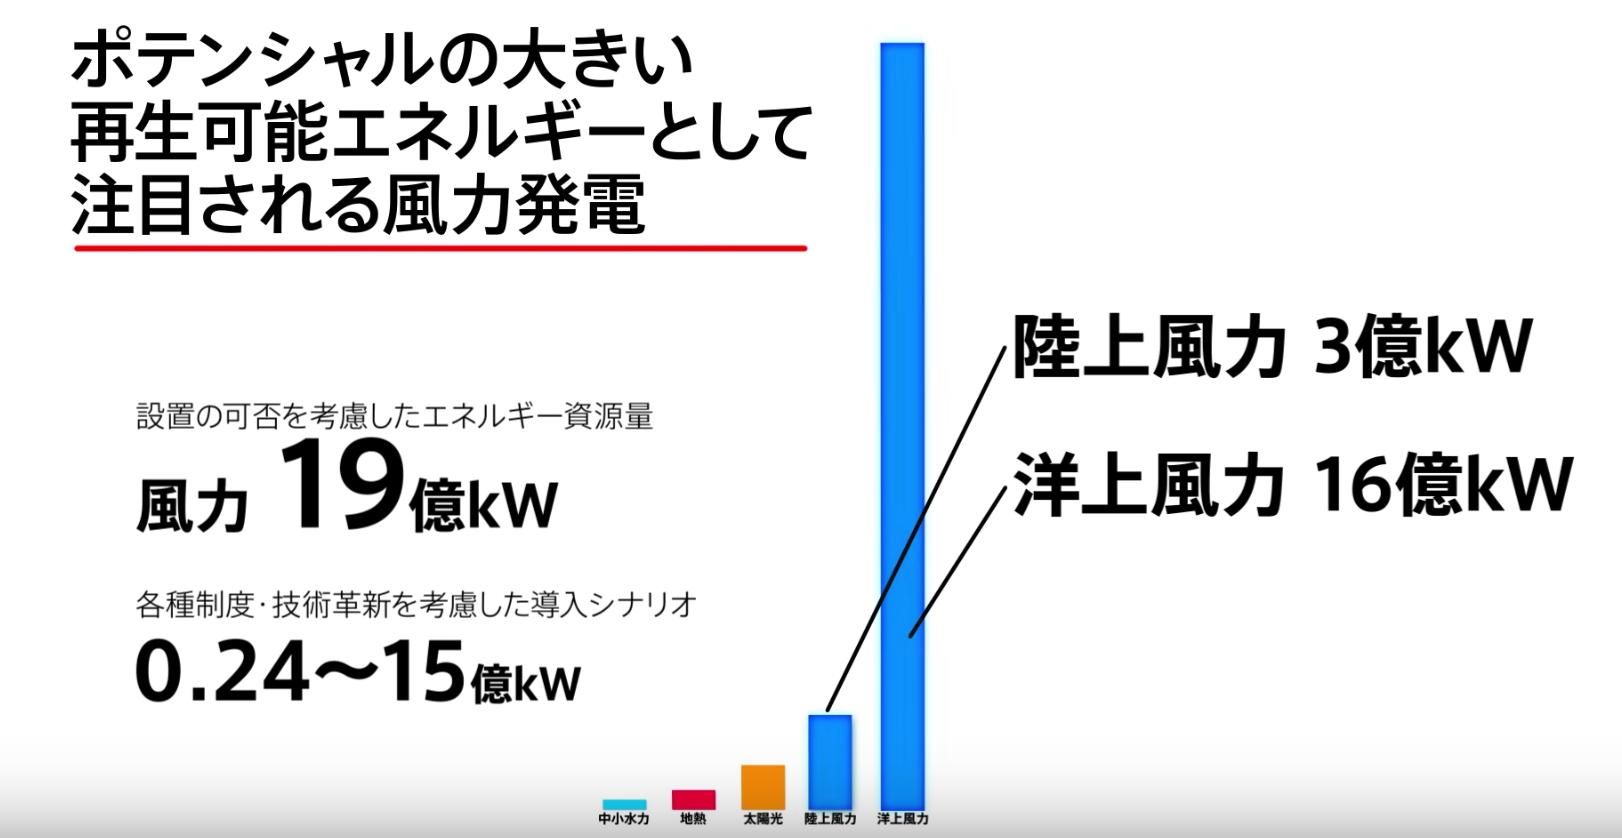 【世界初】日本の町工場が開発した「台風」をエネルギーに変える風力発電機がスゴイ・・・